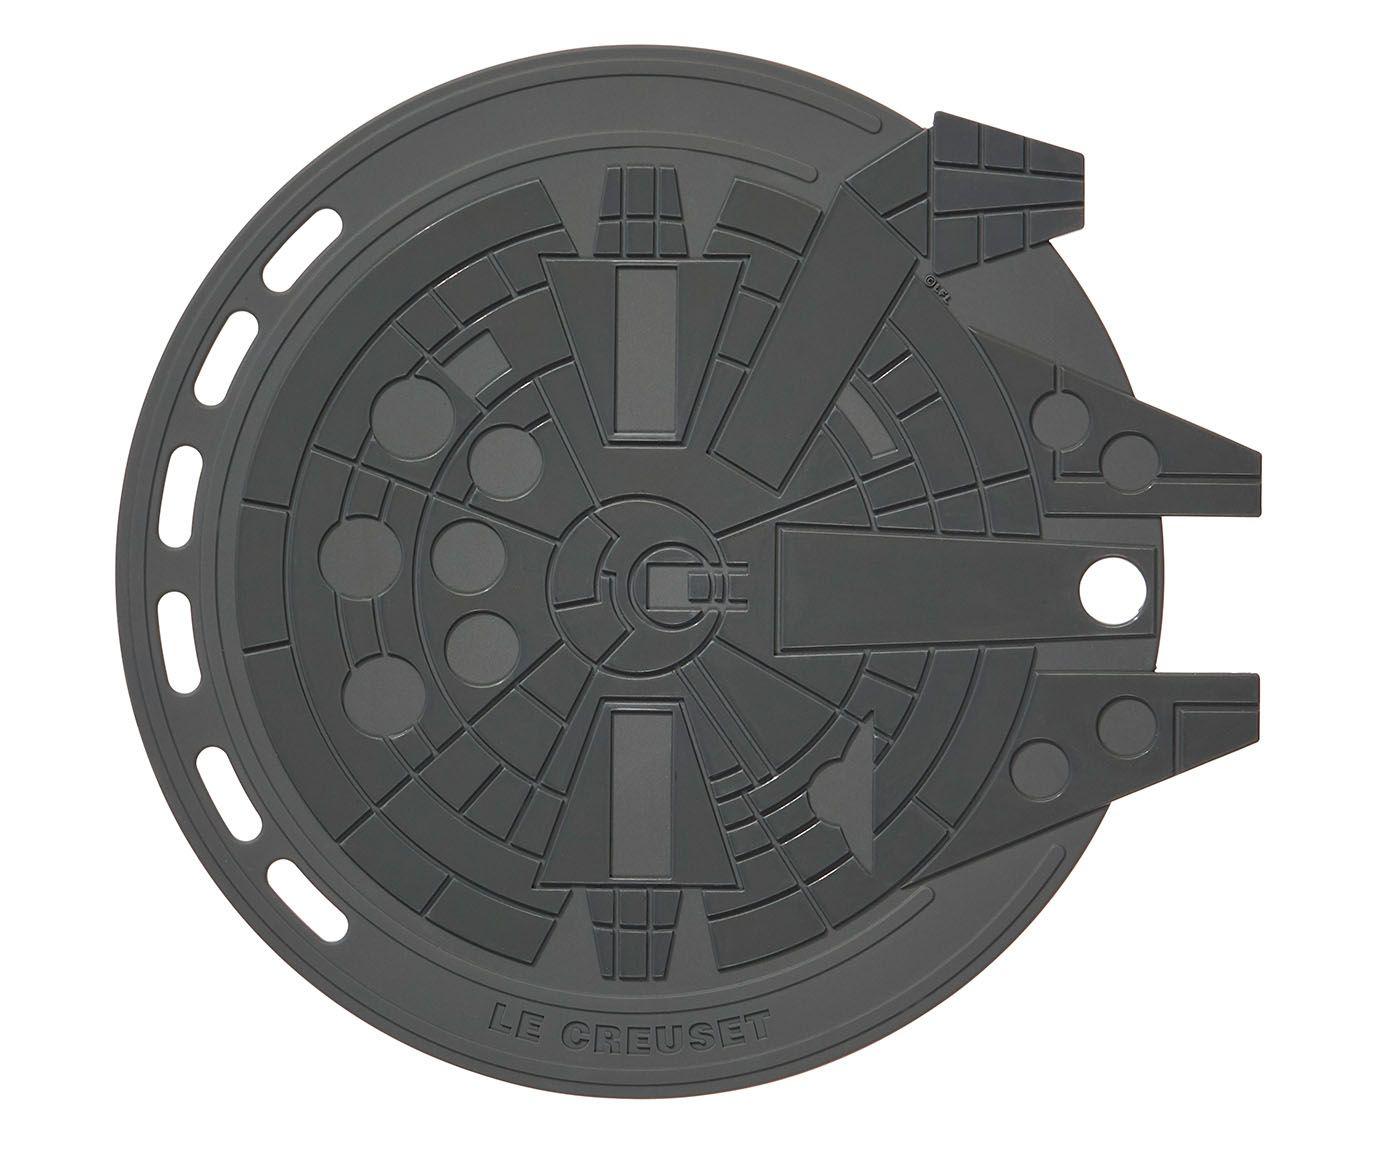 Suporte Millenium Falcon Star Wars - 20cm | Westwing.com.br